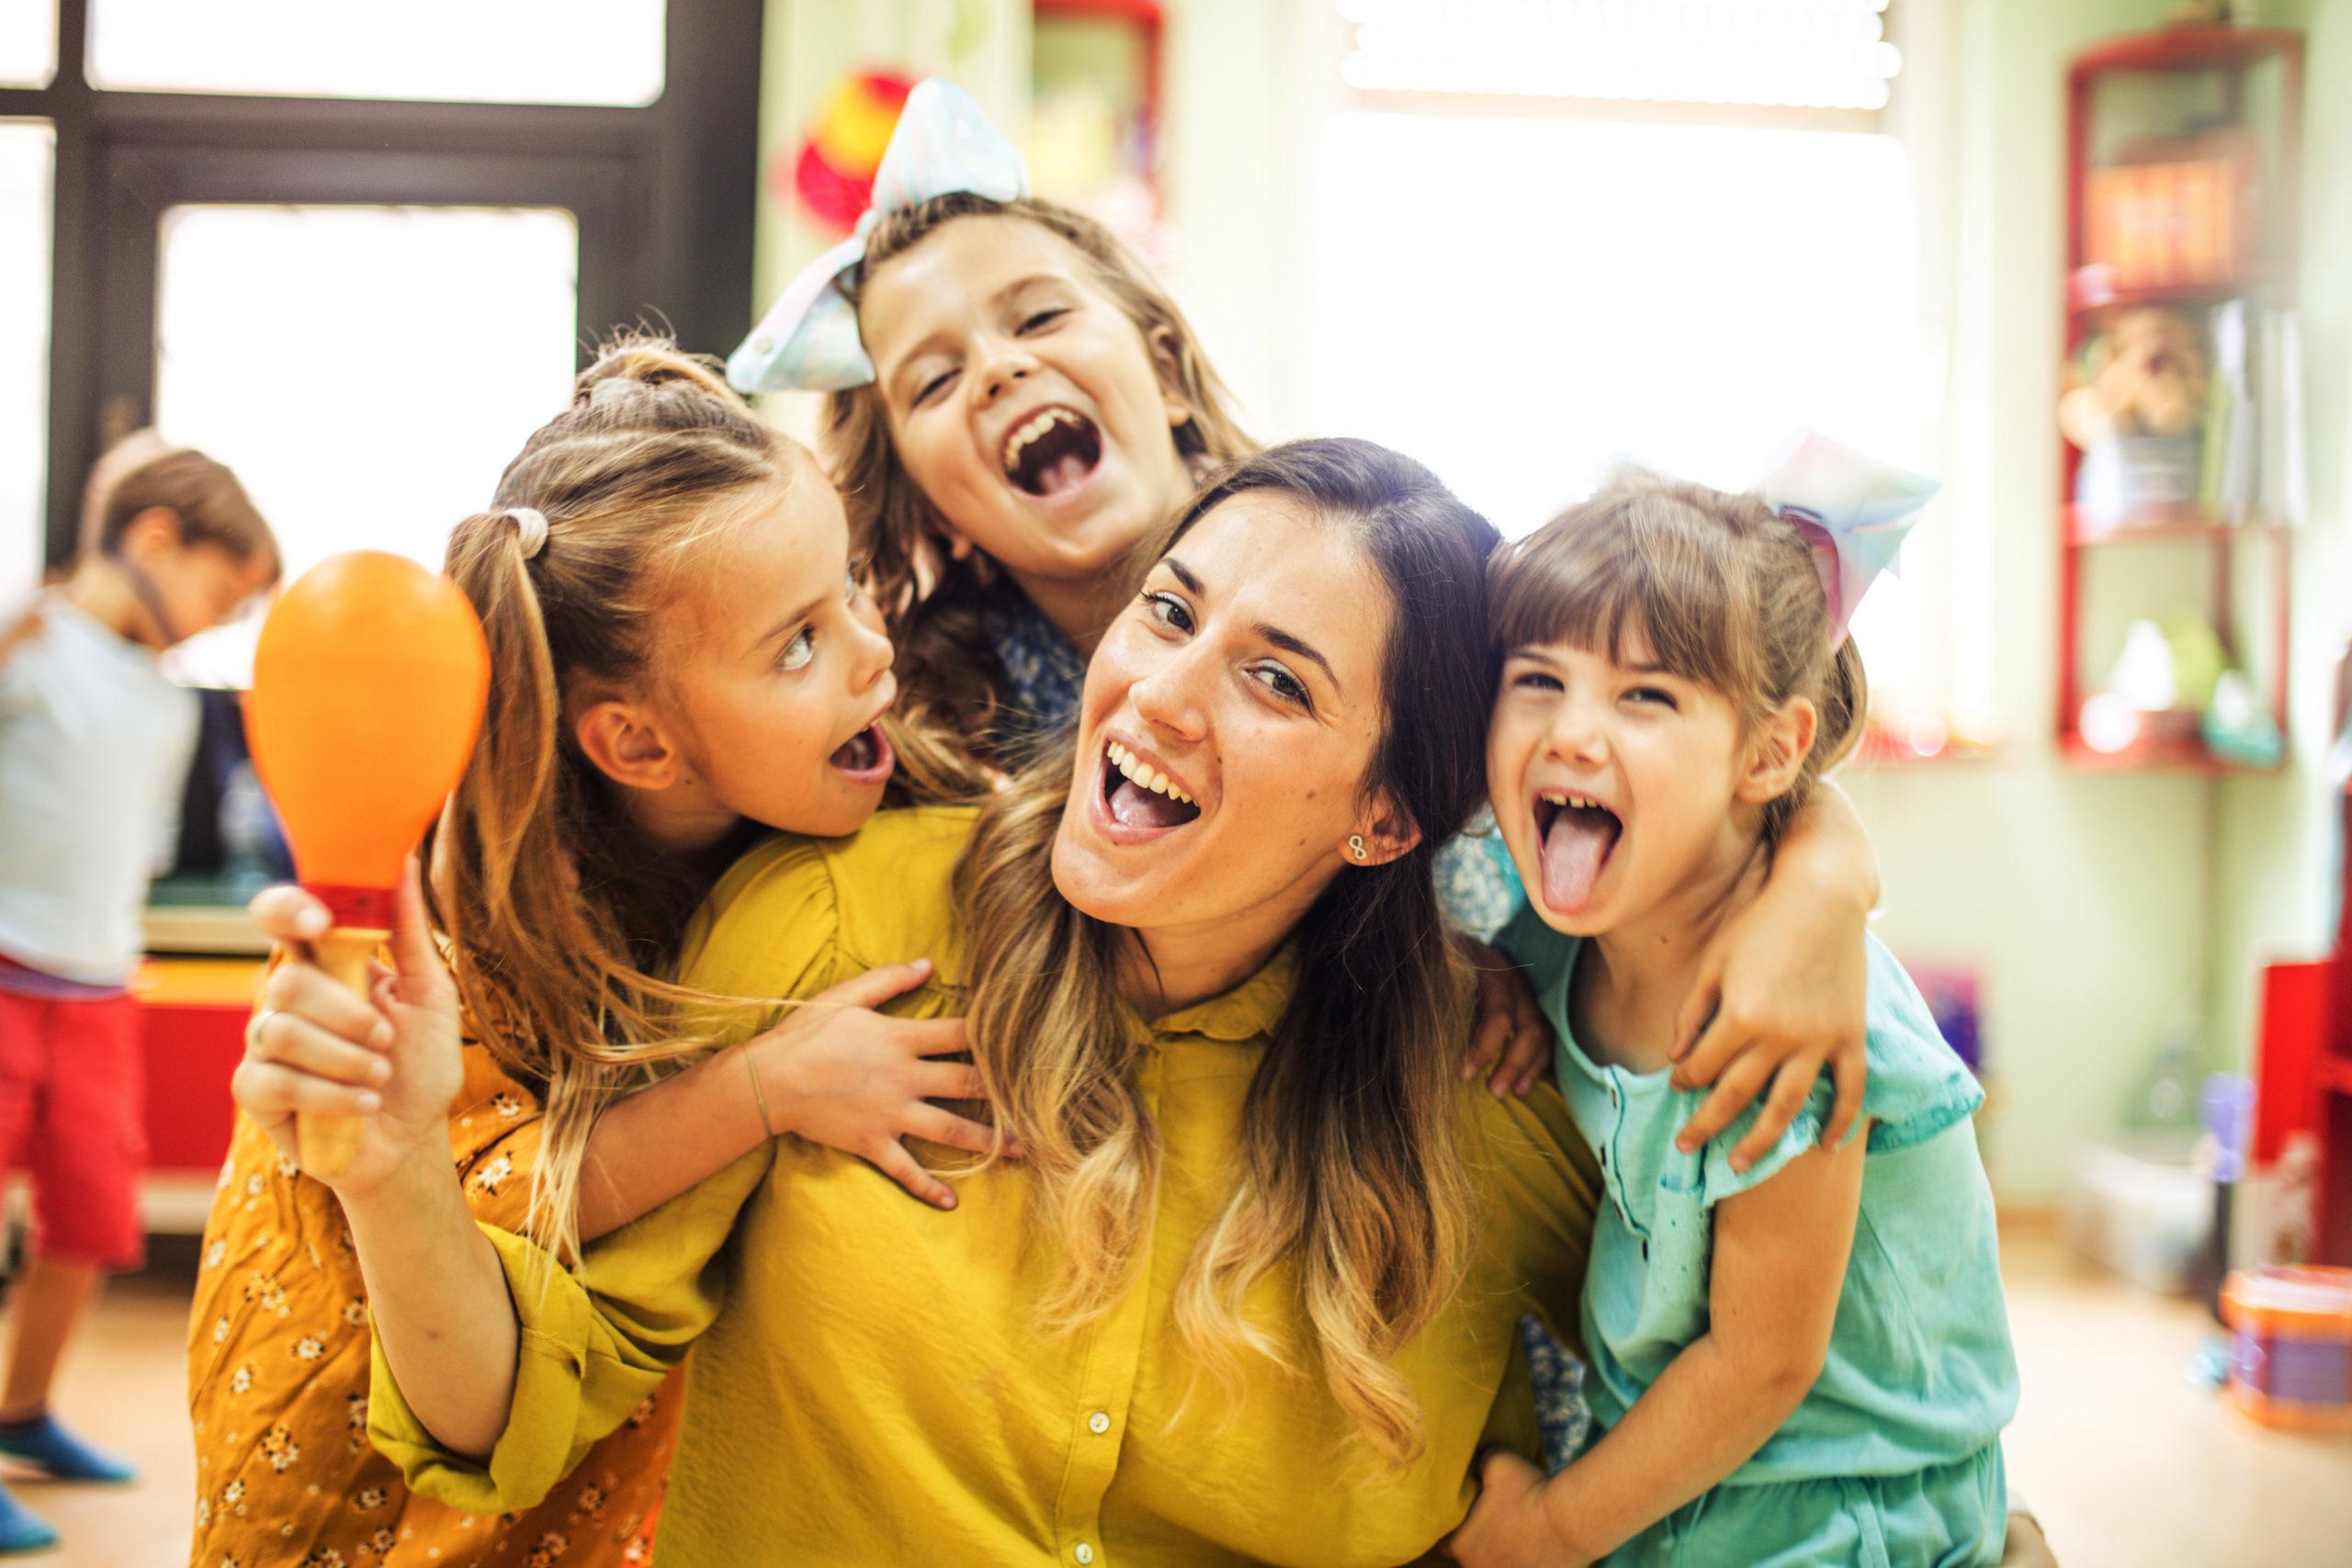 Praca z dziećmi – w jakich zawodach? Gdzie szukać ofert?